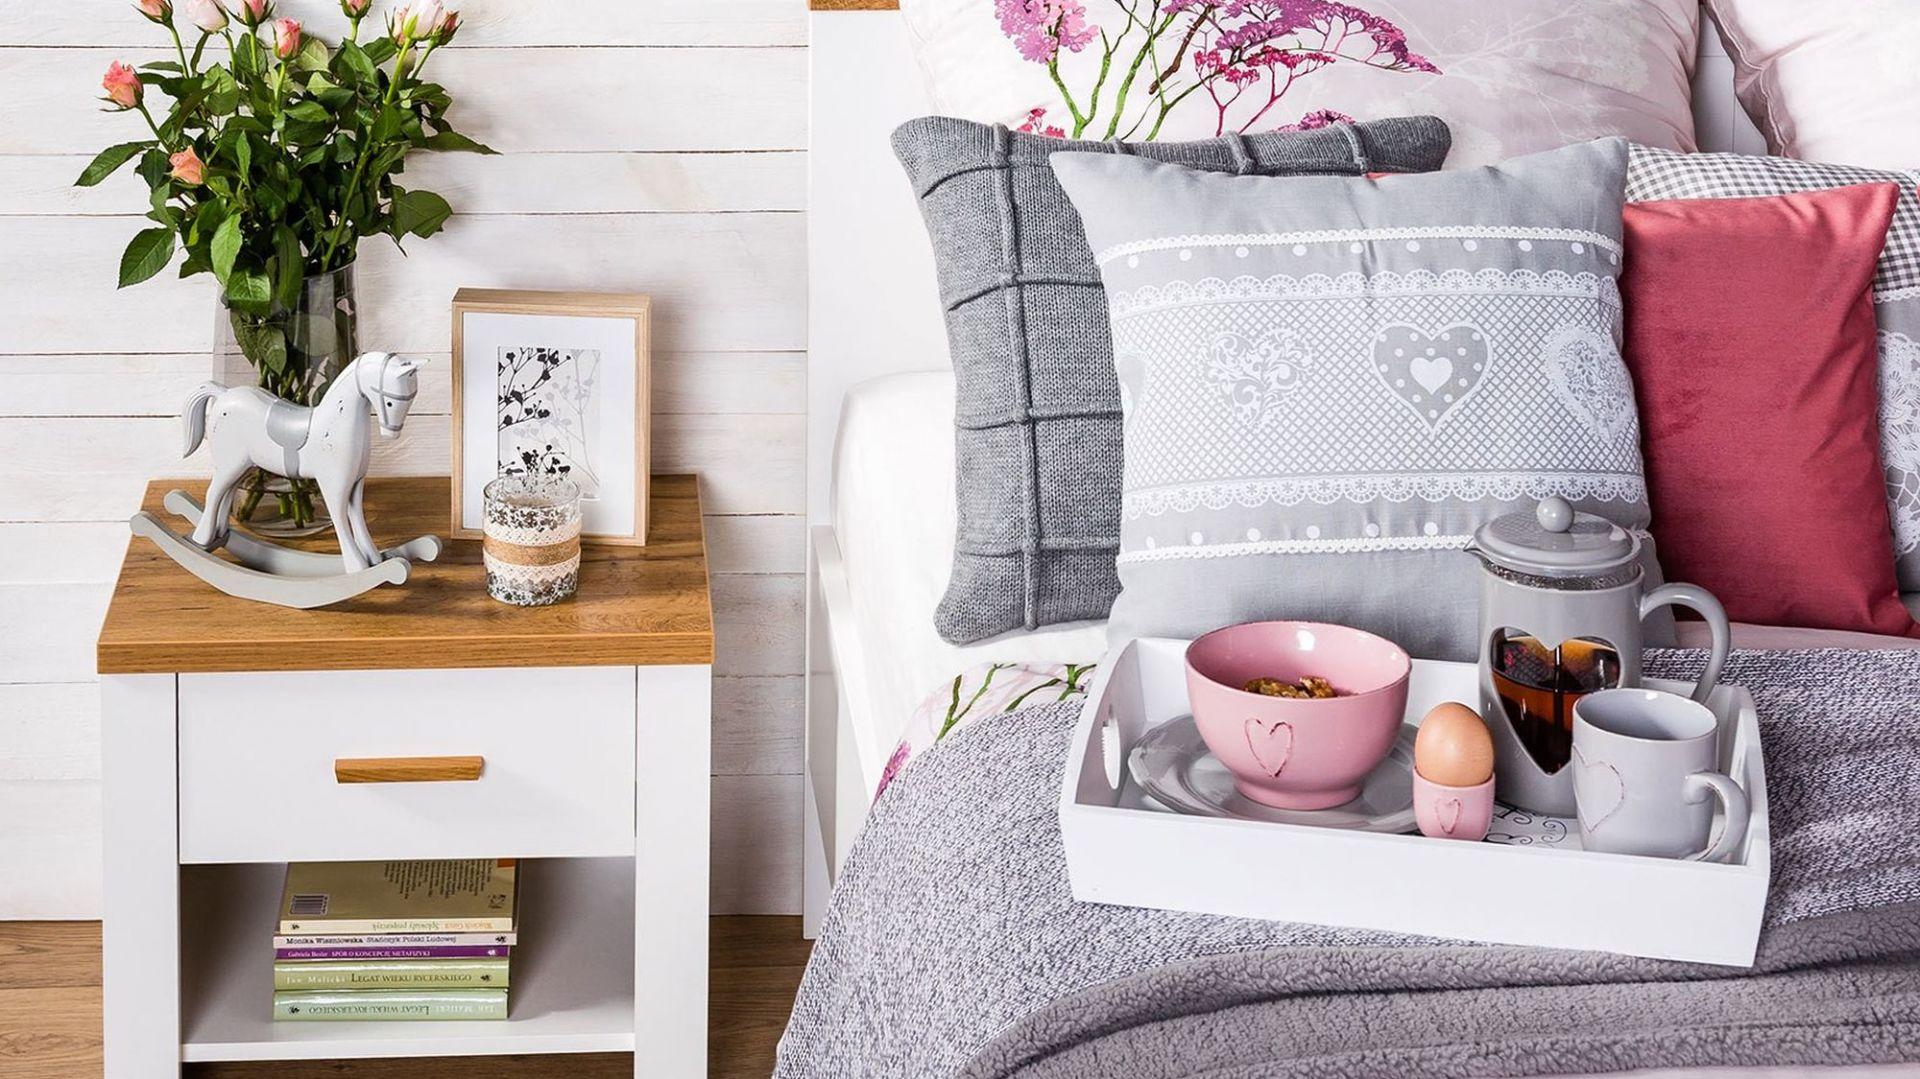 Piękna sypialnia – aranżacja w trzech krokach. Fot. Agata